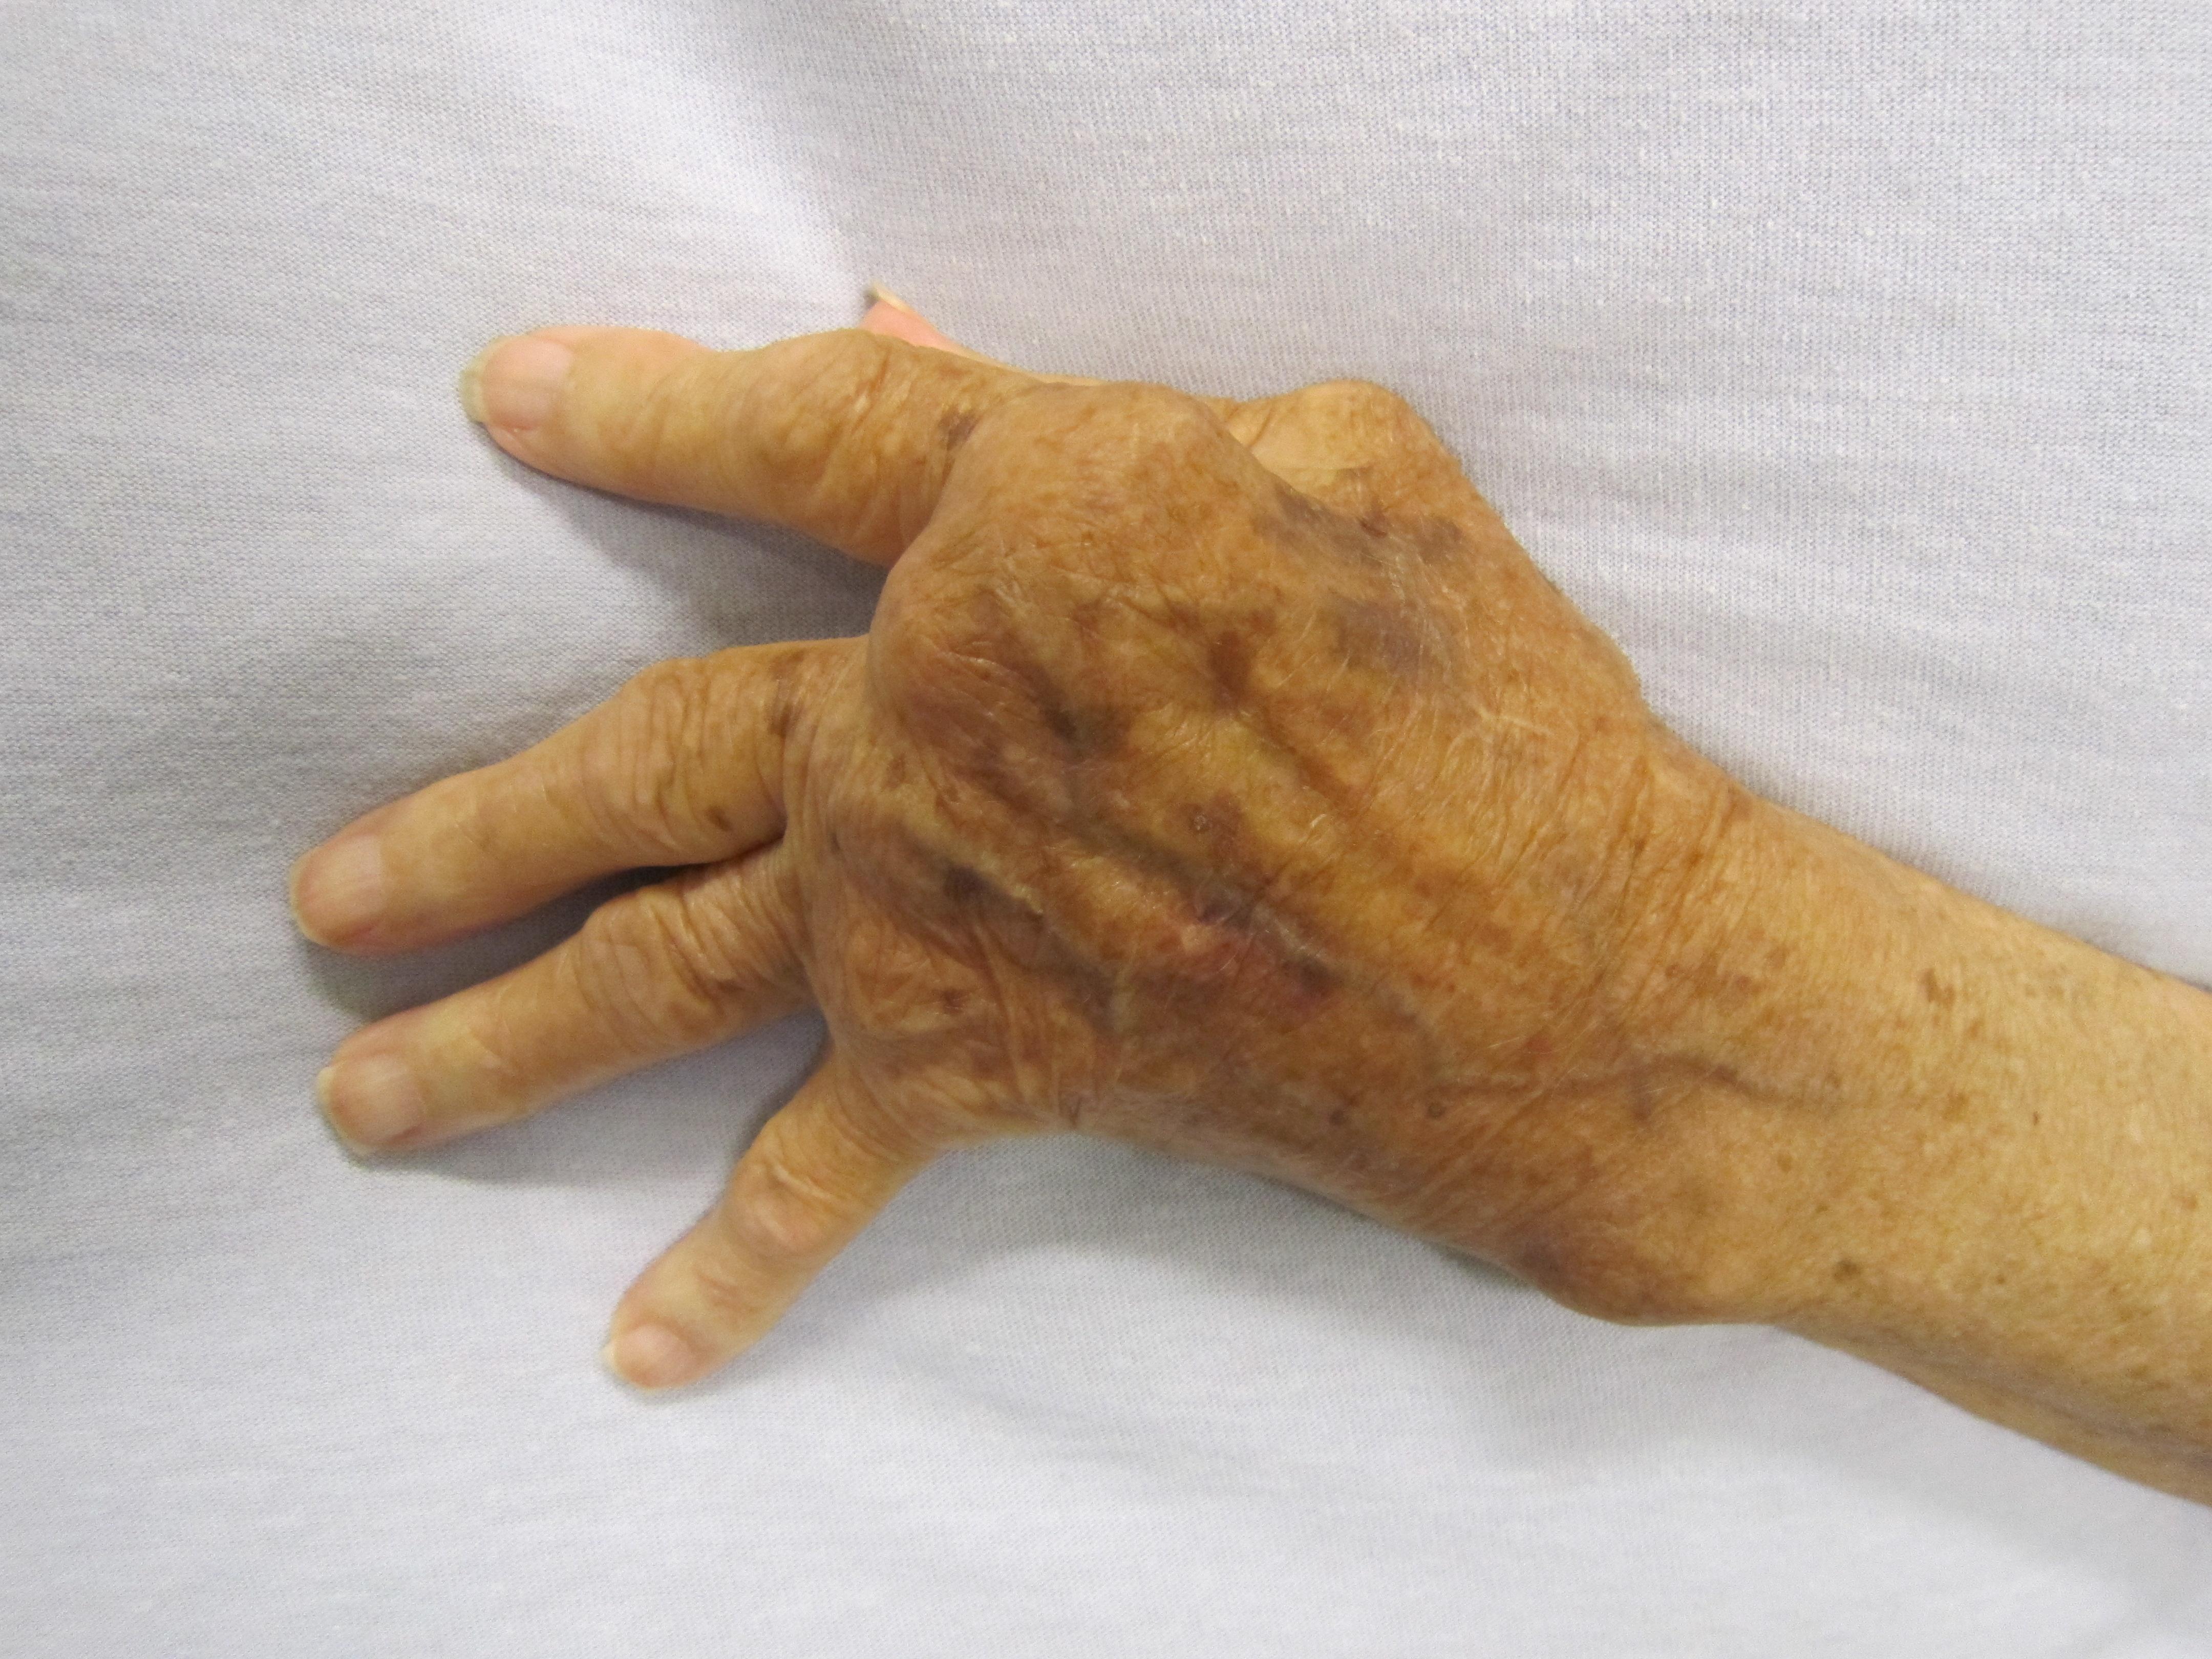 Szeronegatív arthritisek